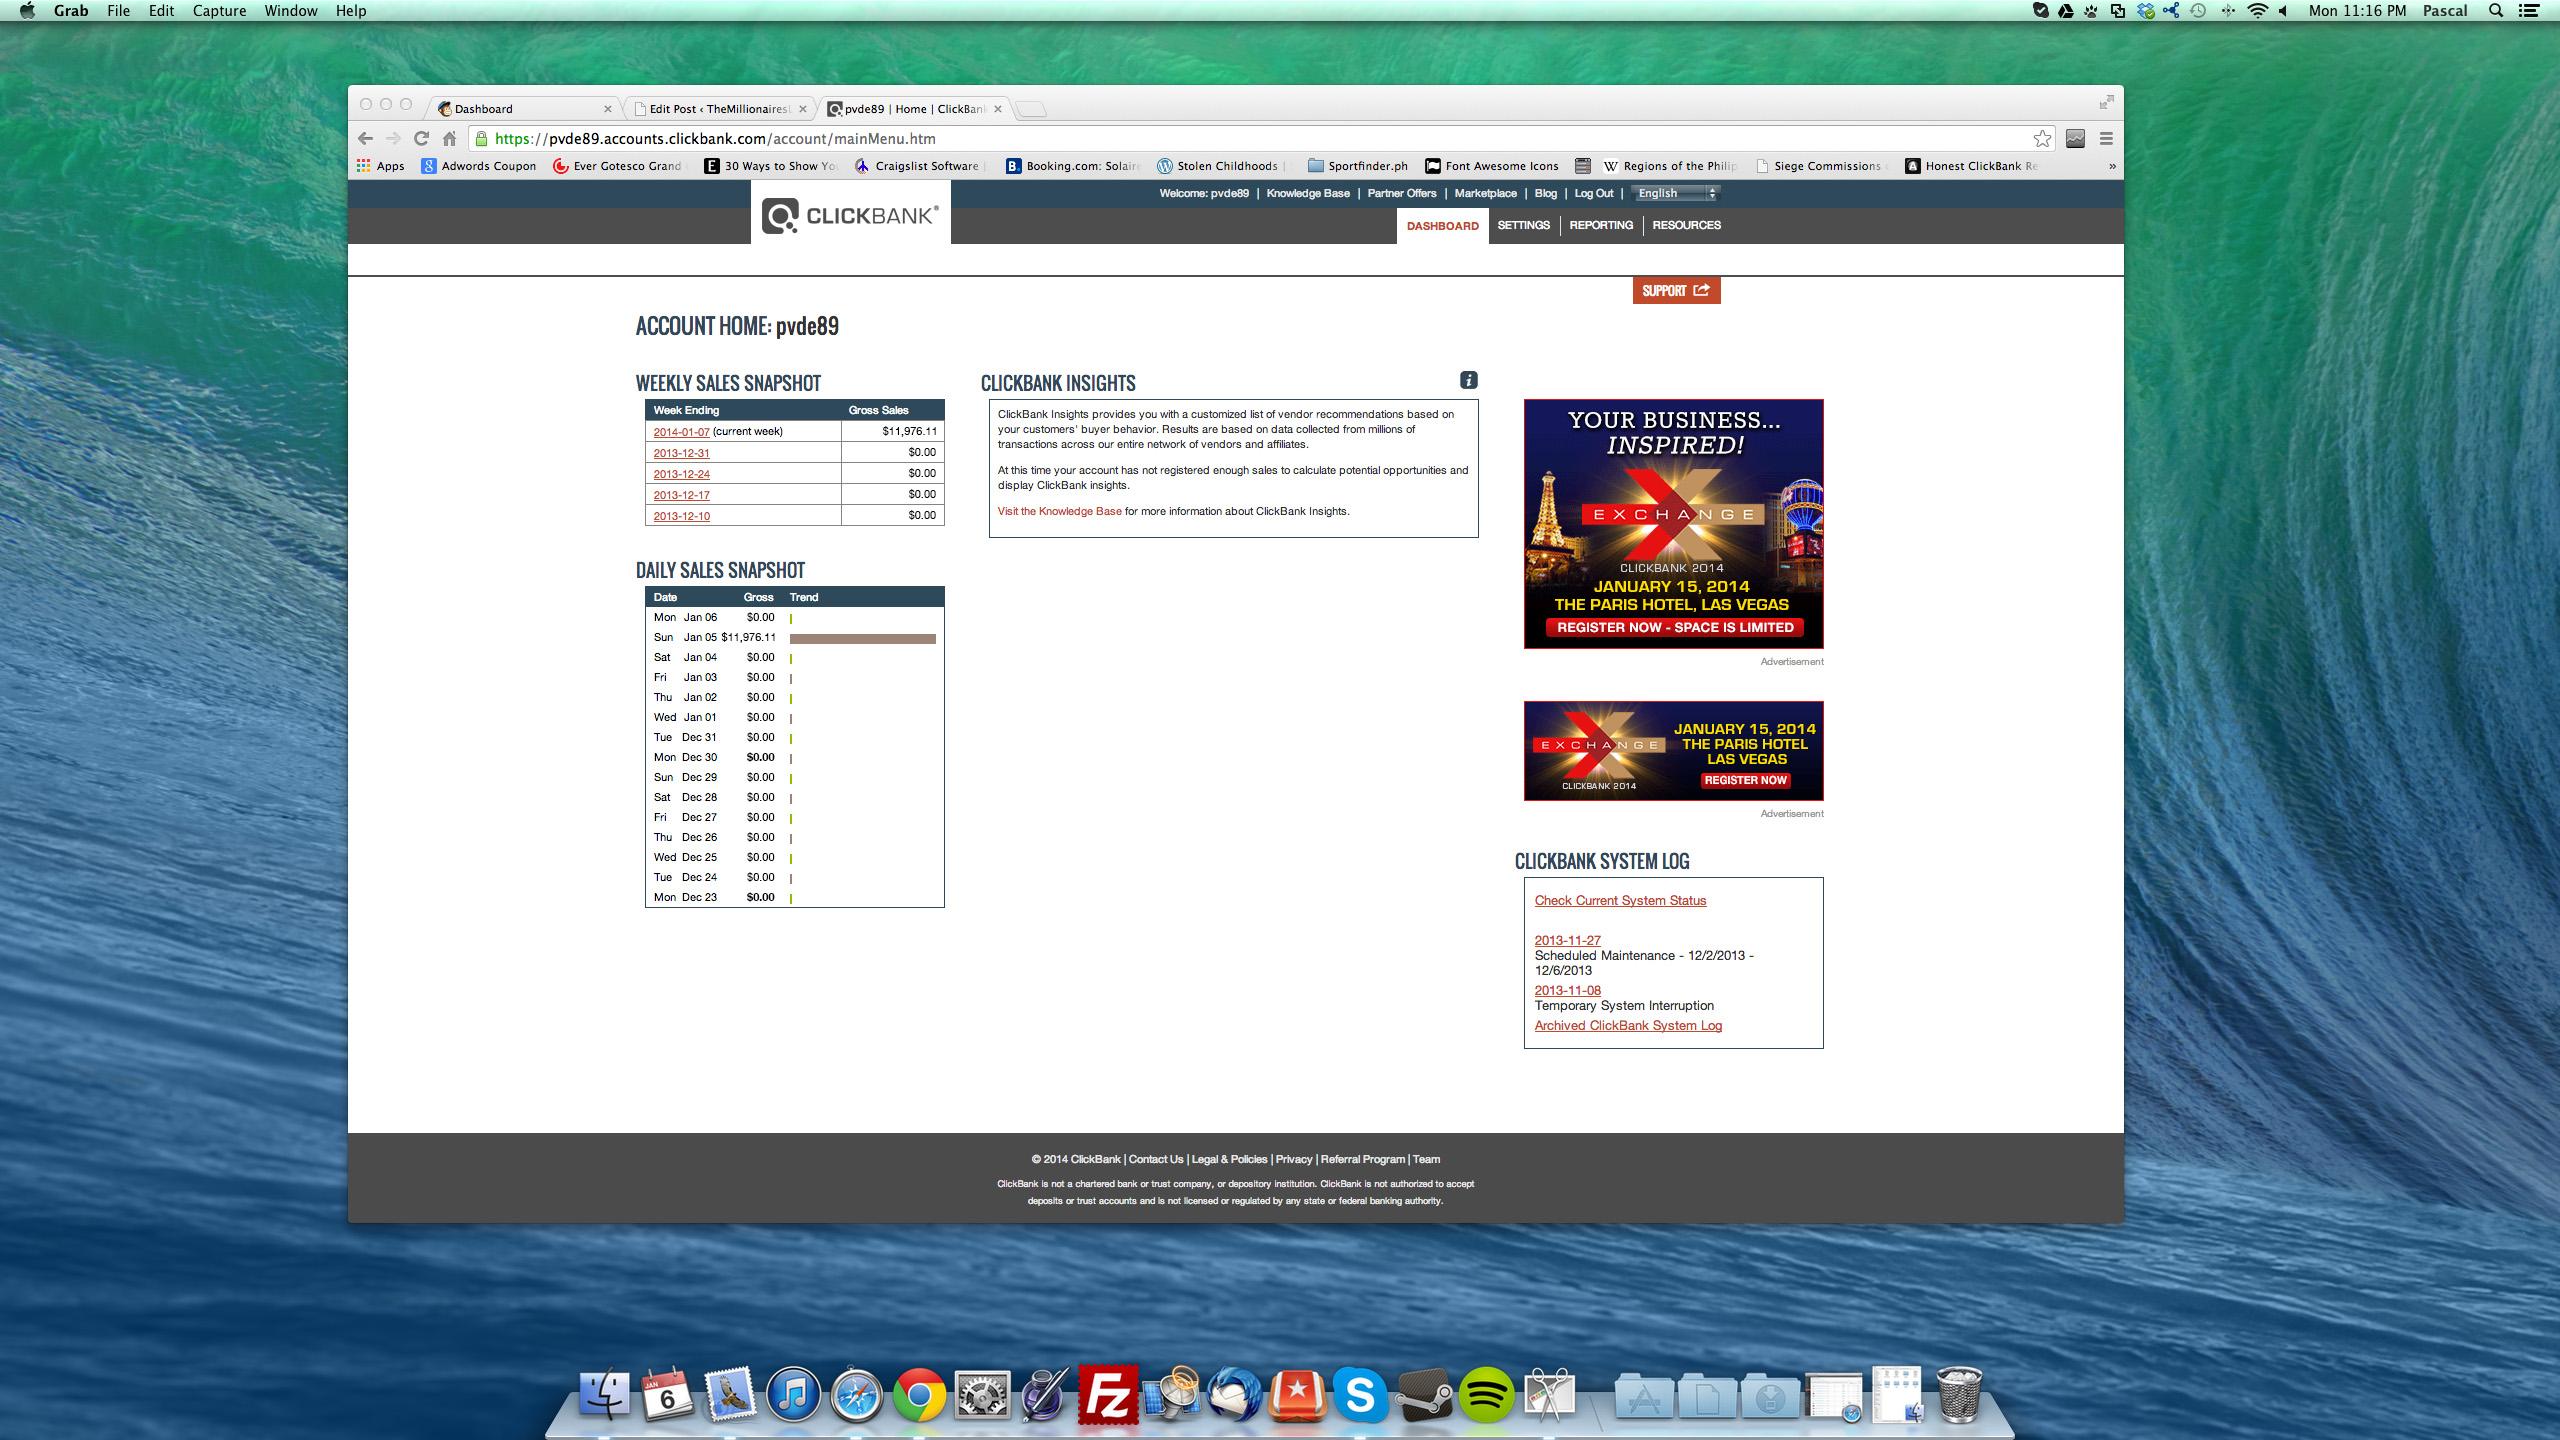 clickbank earnings screenshot